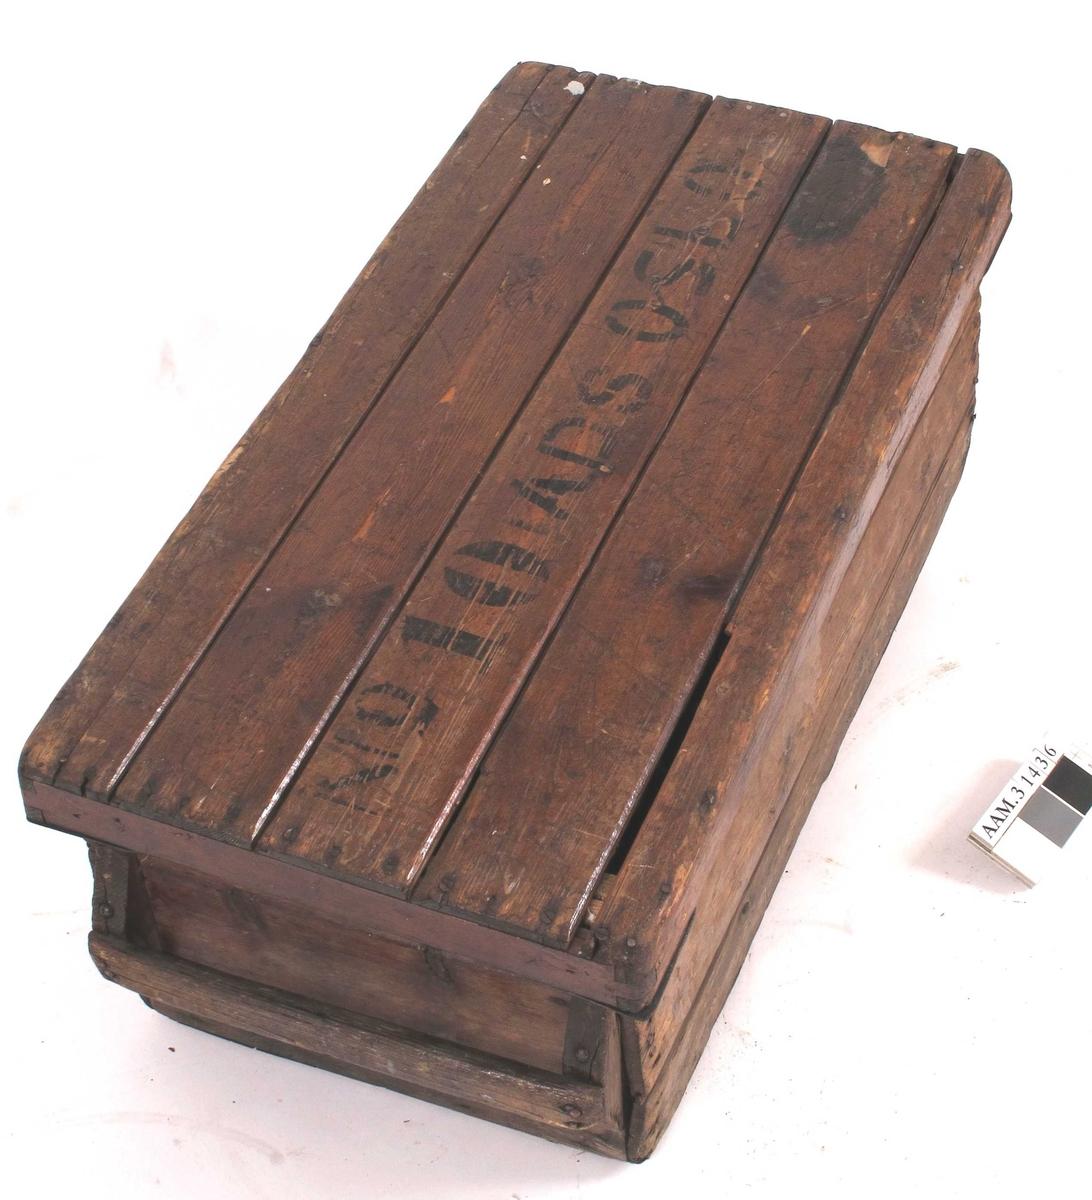 """Rektangulær trekasse med håndtak på begge kortsidene.  Både kasse og lokk er laget av bord som er spikret utenpå en svært enkel """"ramme"""".  Tre bord i høyden.  Bordene har not og fjær. Spor av lakk på utside og ubehandlet innside.    Løst lokk.  Lokket har vinkeljern skrudd på på undersiden av hjørnene.  Lokket består av fire bord av varierende bredde, trolig gjenbruk av panelbord med not og fjær, som ikke er forsøkt passet inn i hverandre.  Kassa bærer preg av å være hastig snekret sammen, og spikringen virker tilfeldig med svært varierende mengder spiker med nokså tilfeldig plassering, og ikke alltid helt rett slått inn.  Alle bordene er ikke like lange.  Lokket er mer forseggjort, og rammen er nøyaktig satt sammen og bearbeidet."""